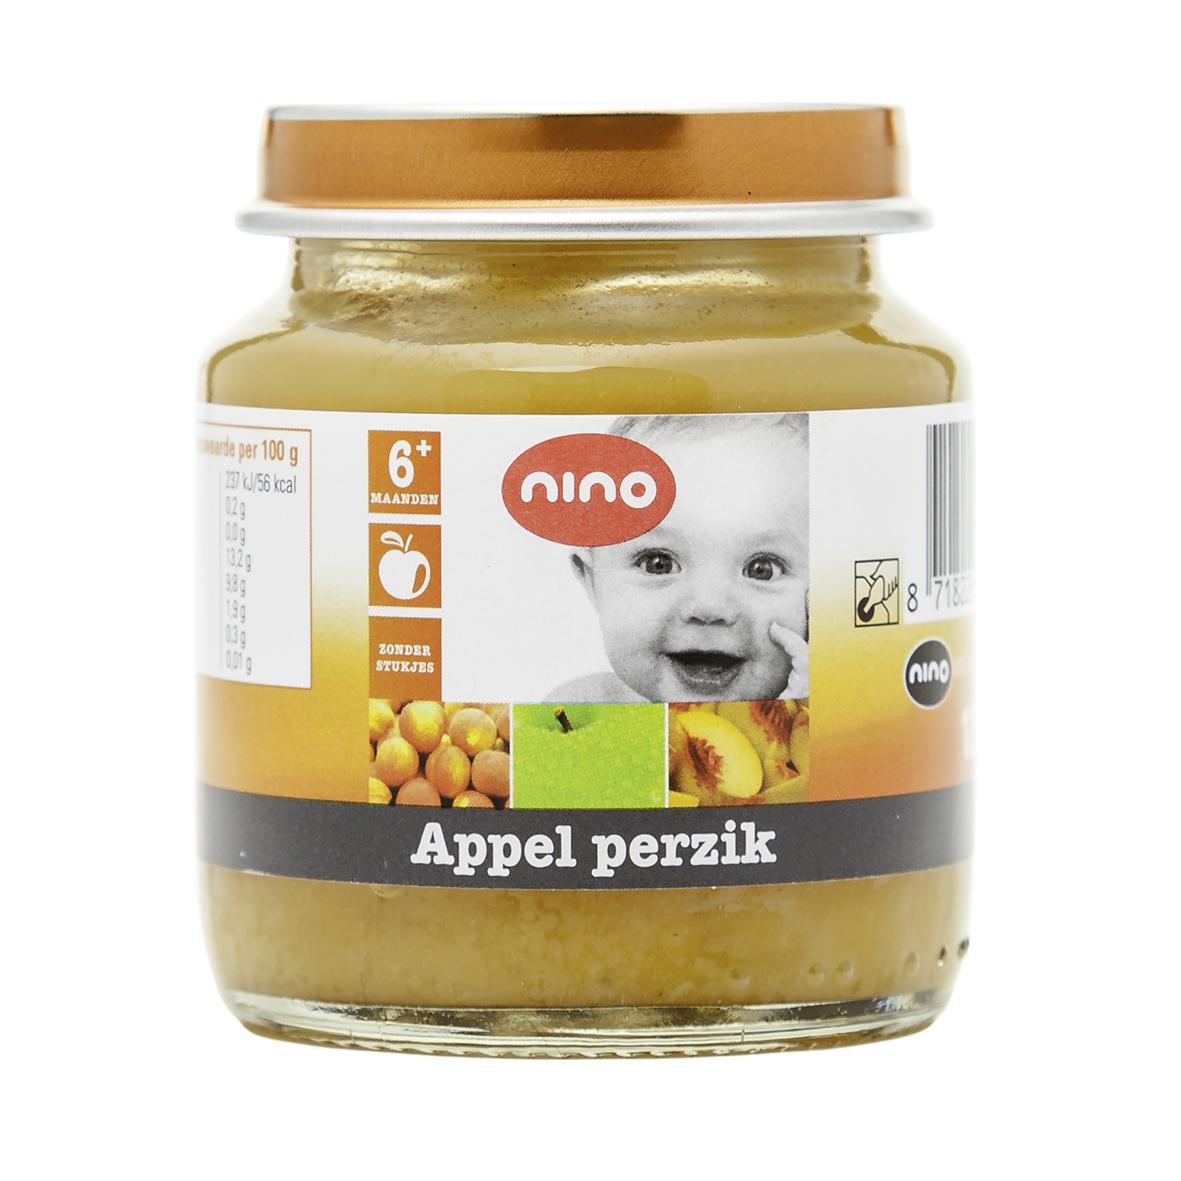 厦门口碑好的婴诺苹果水蜜桃果泥批发,荷兰进口奶粉